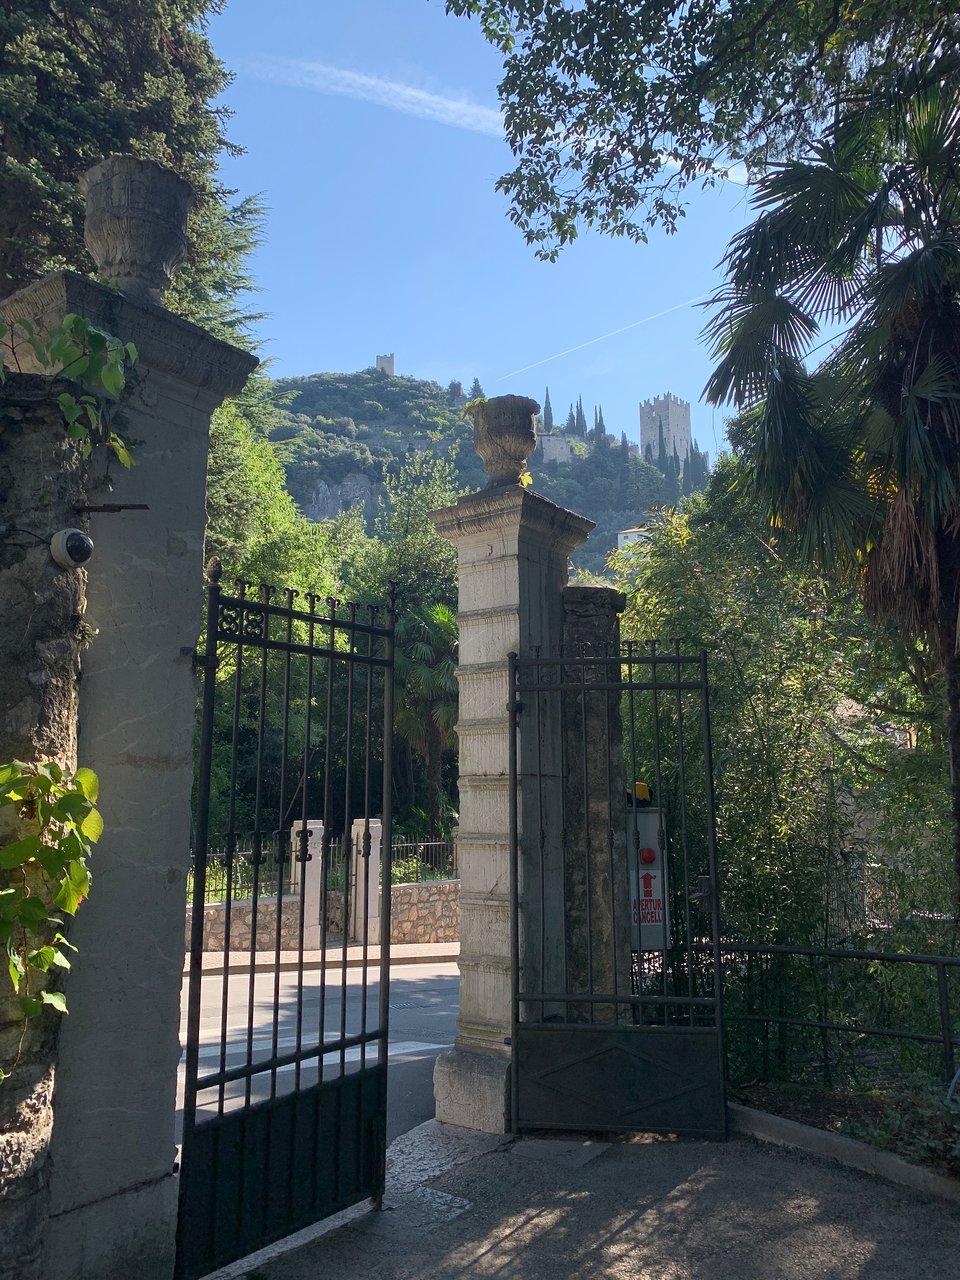 Botanischer Garten Meran Luxus Arboretum Of Arco 2020 All You Need to Know before You Go